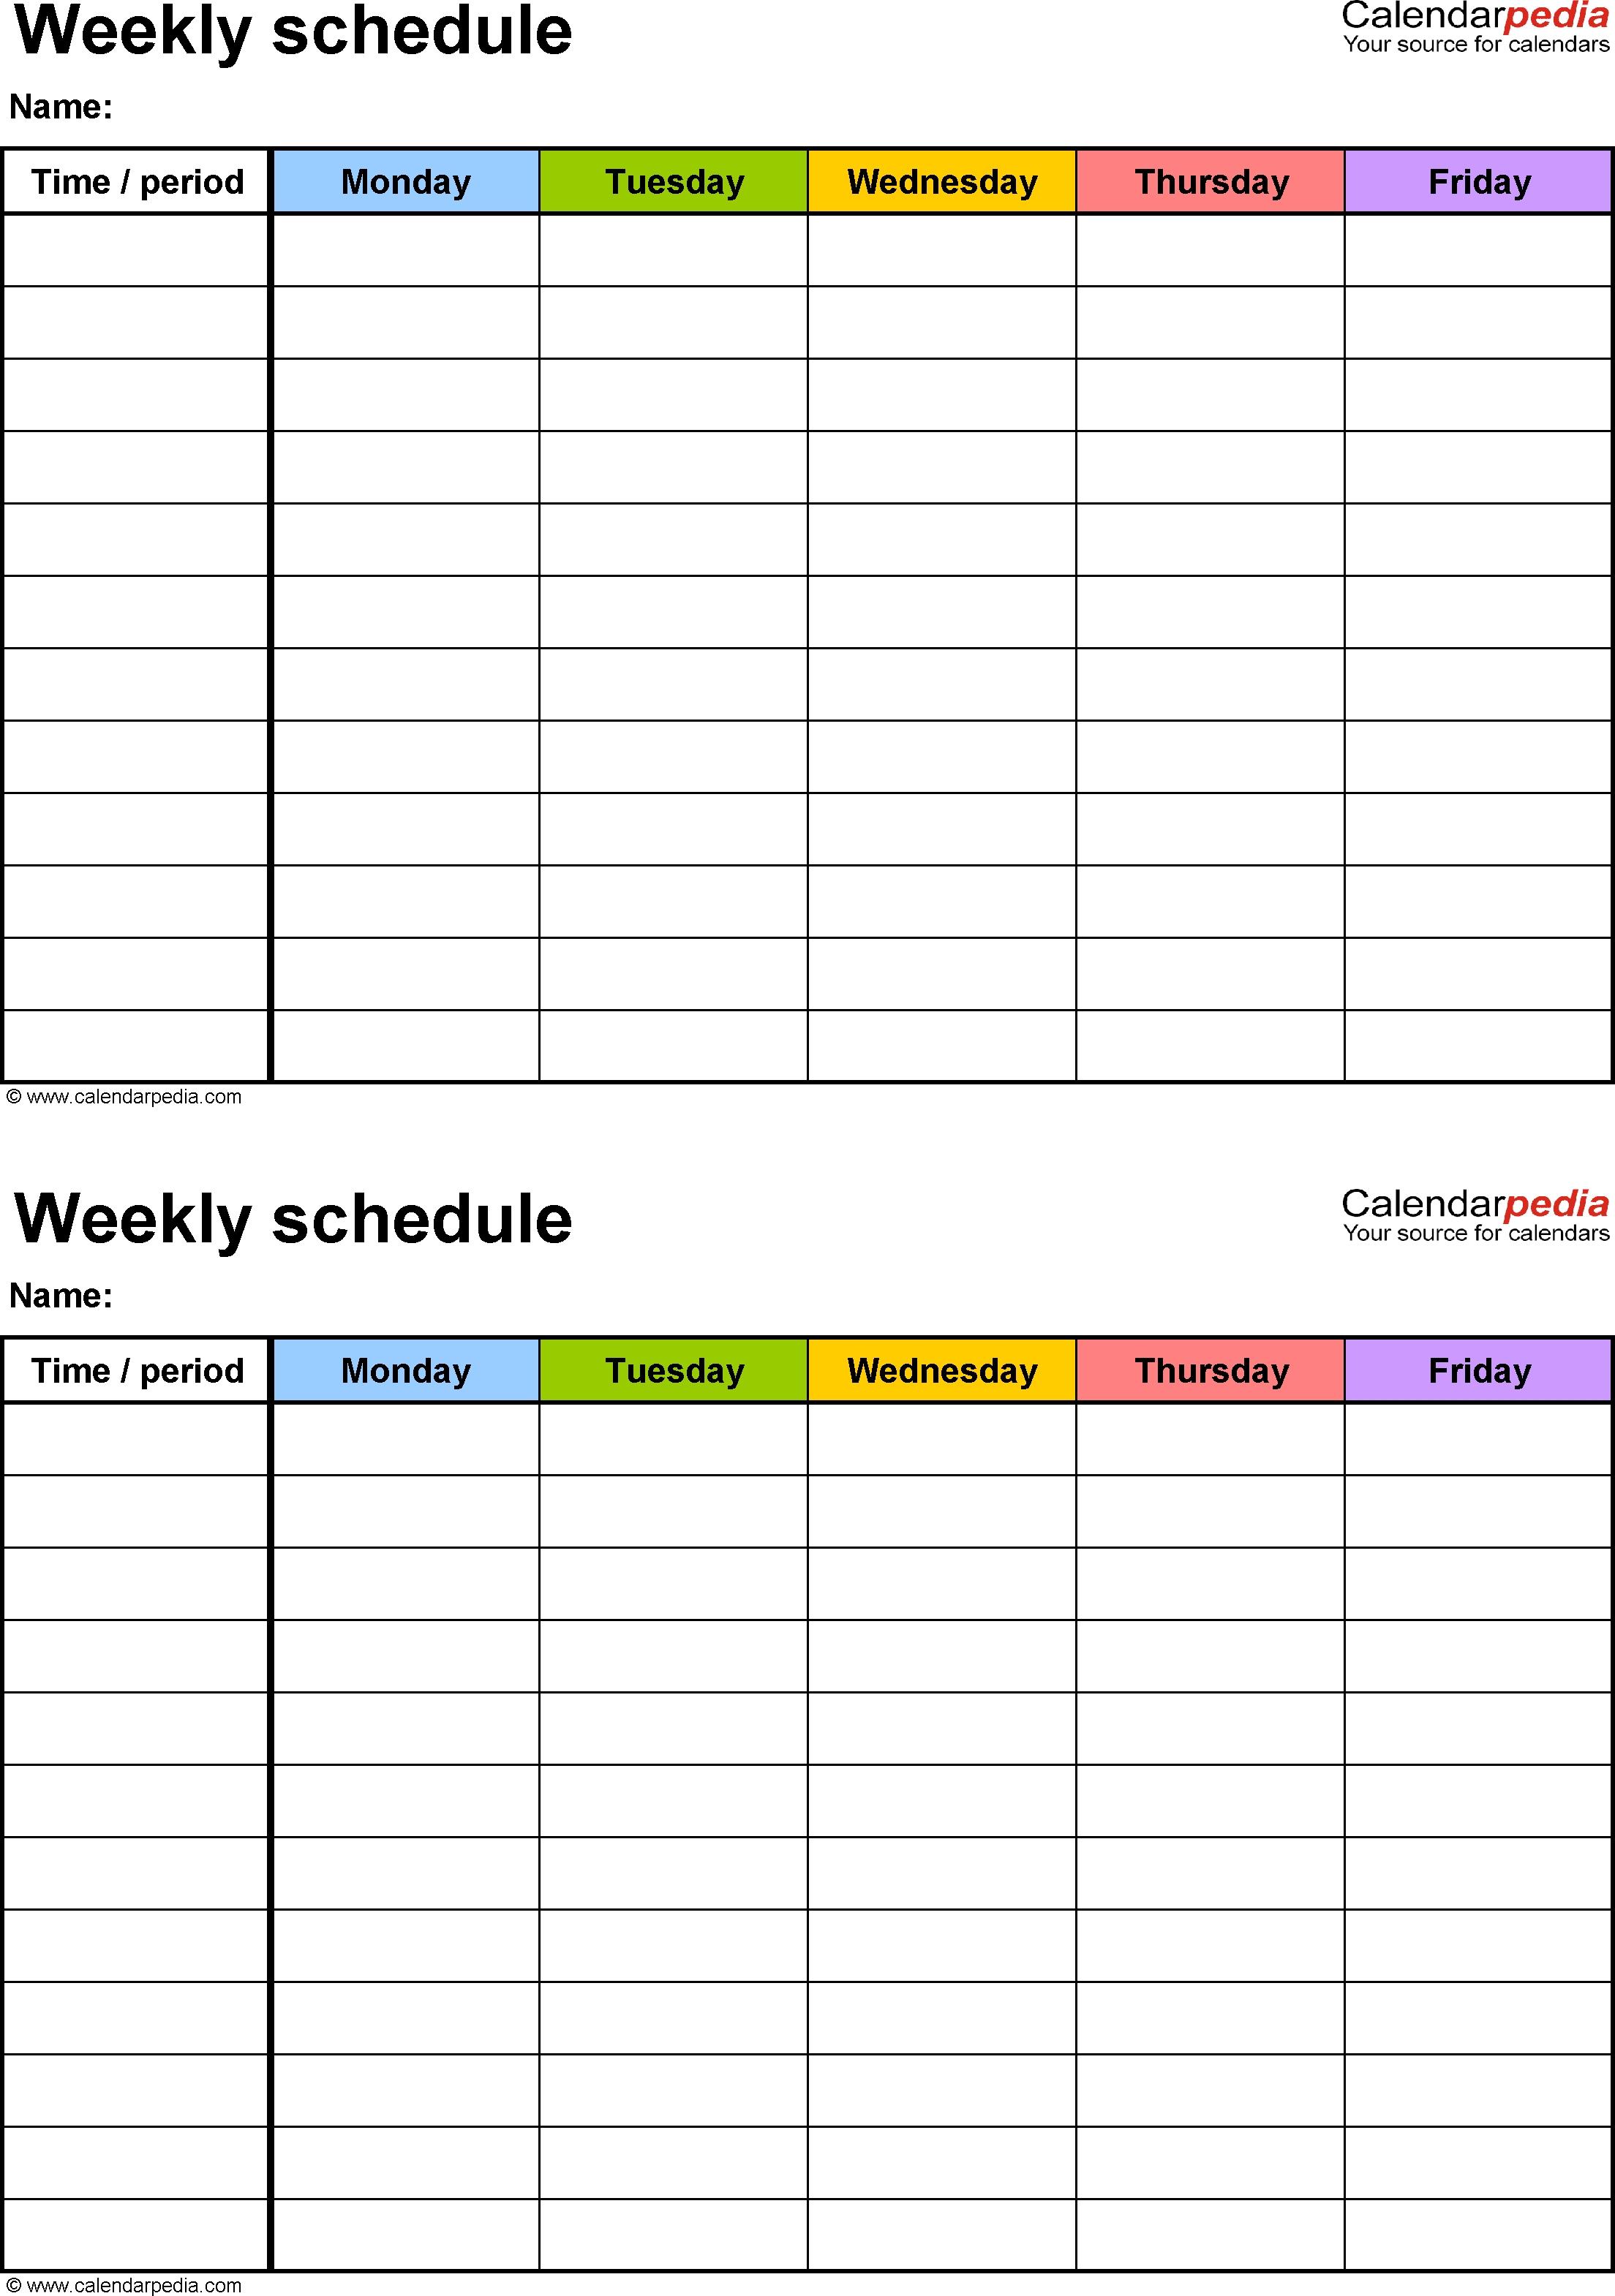 Free Printable 2 Week Calendar Template | Free Calendar 2 Week Schedule Word Template